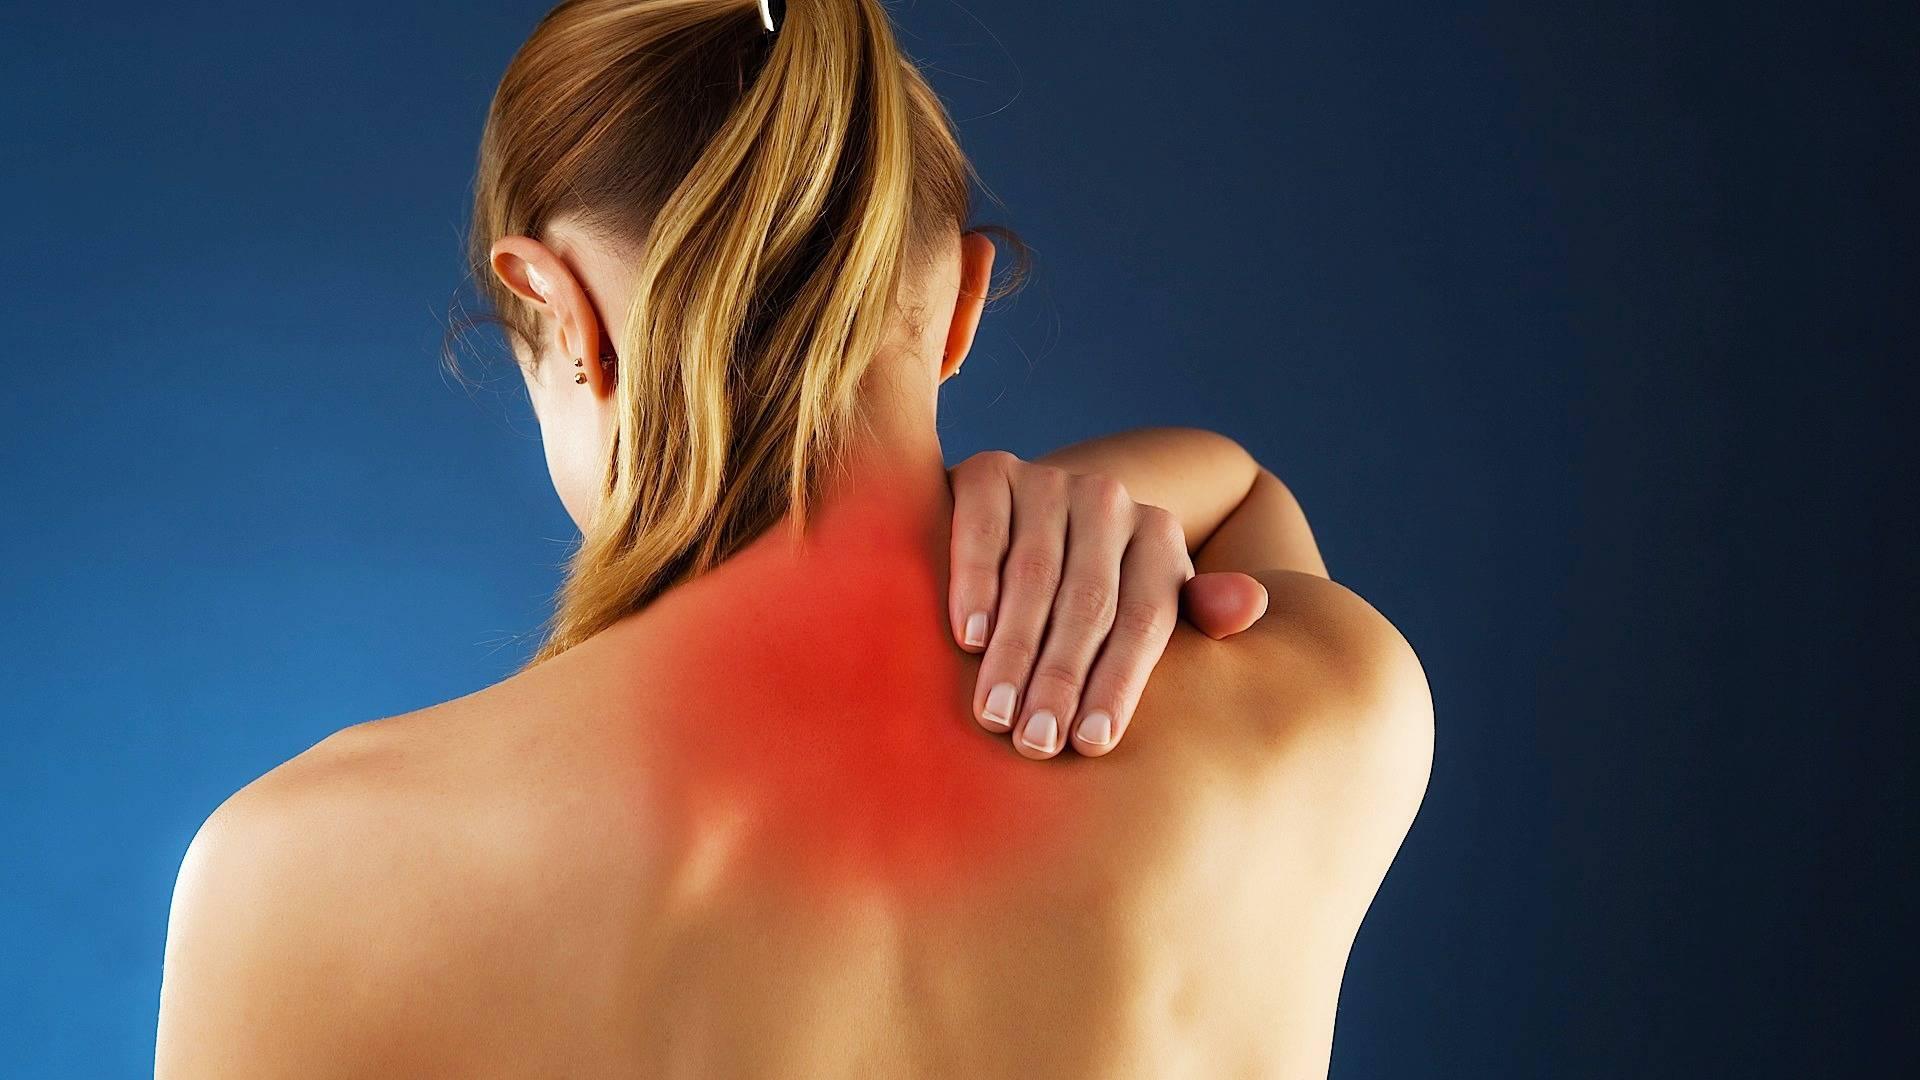 Спазм мышц спины: что это такое и как правильно избавляться от недуга?